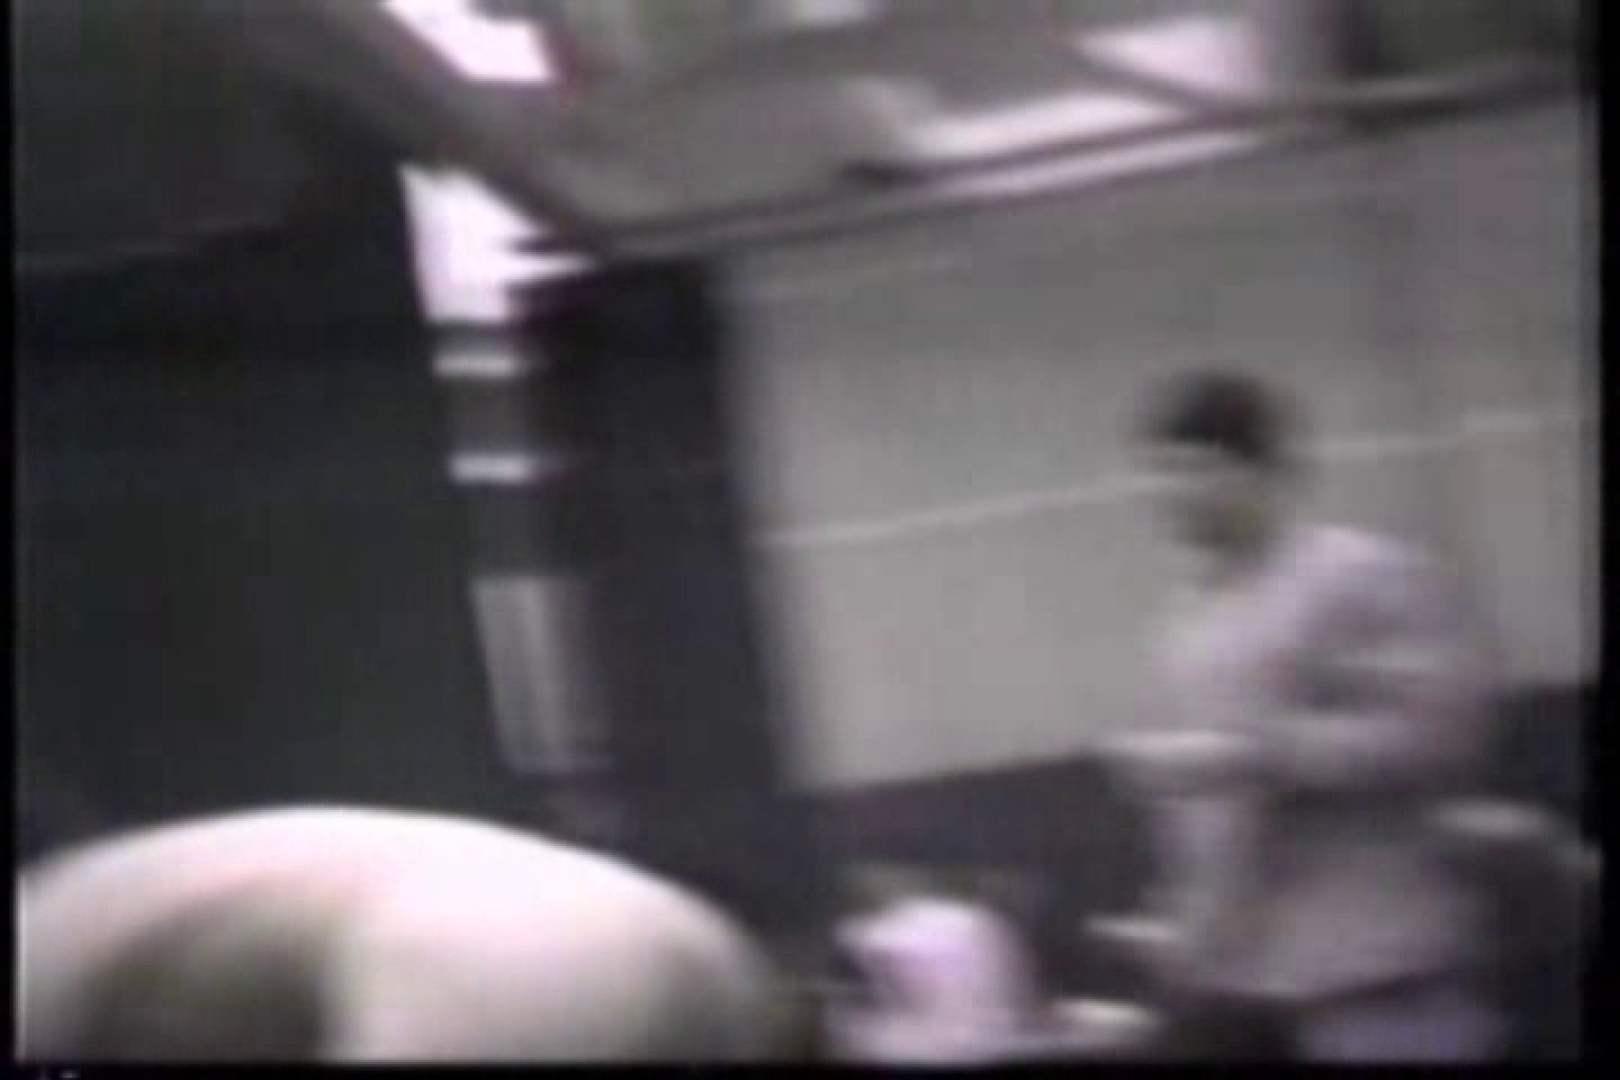 洋人さんの脱衣所を覗いてみました。VOL.6 念願の完全無修正 ゲイフリーエロ画像 22連発 2